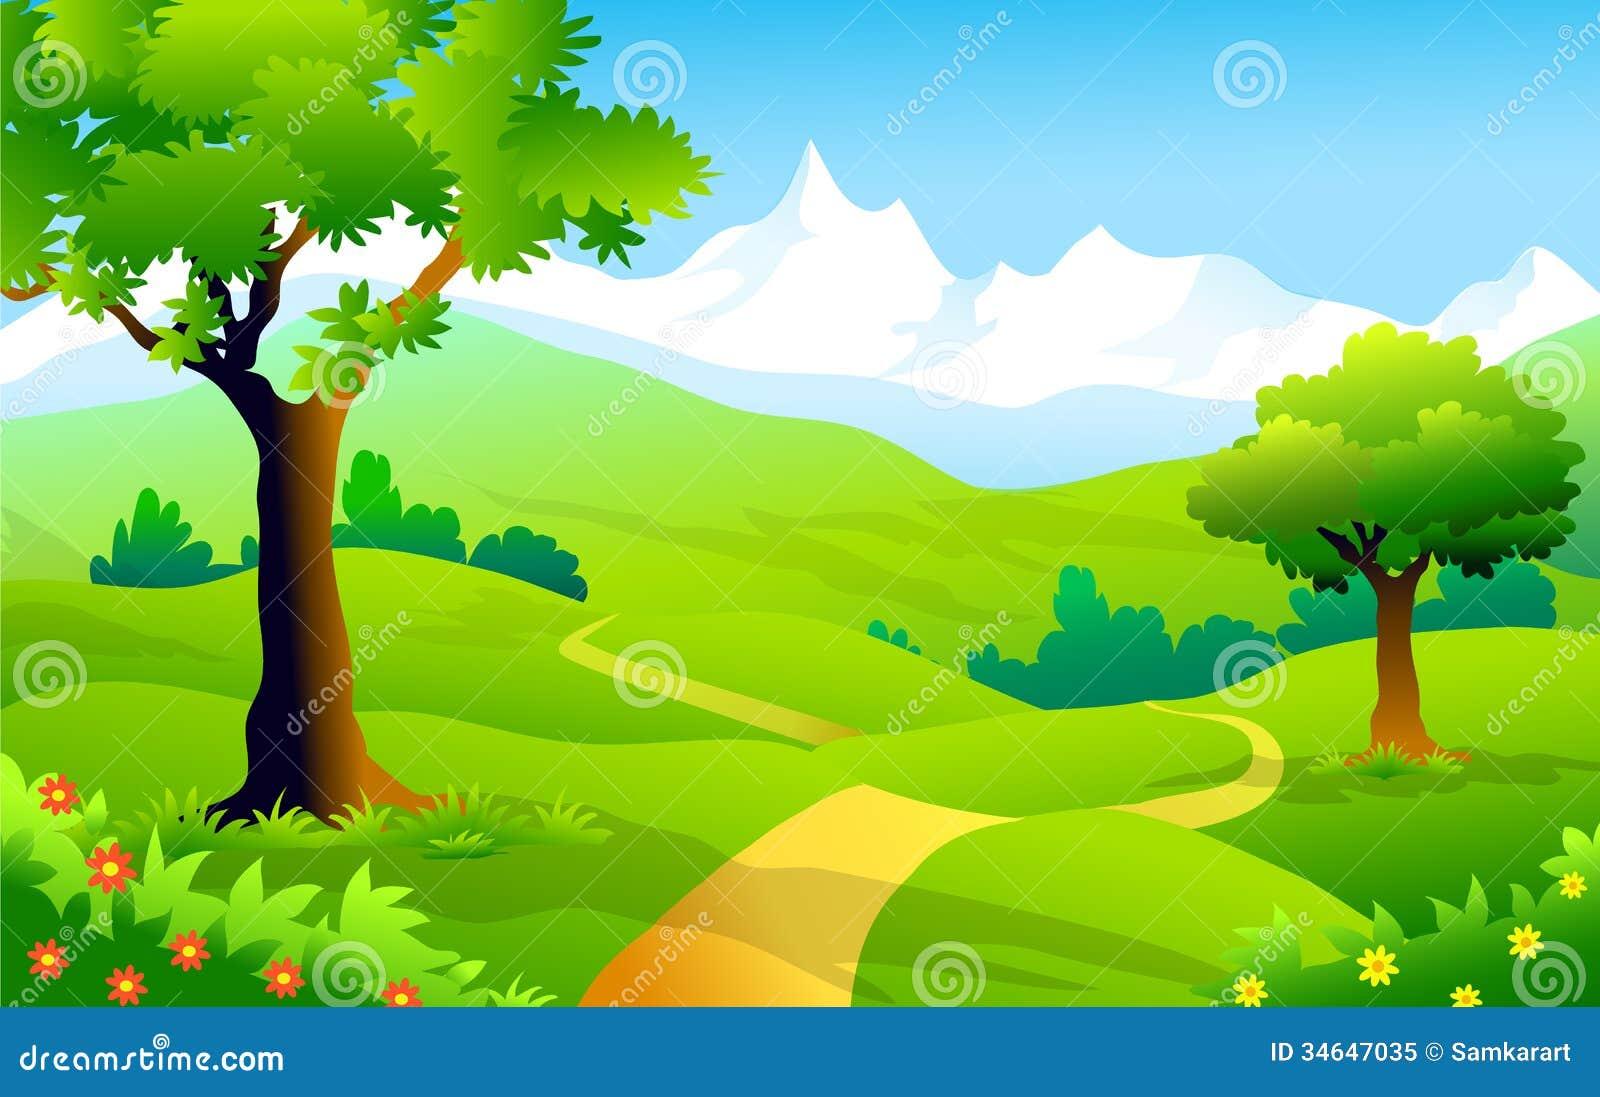 Landscape Illustration Vector Free: Landscape Of Himalaya-Vector Illustration Stock Vector